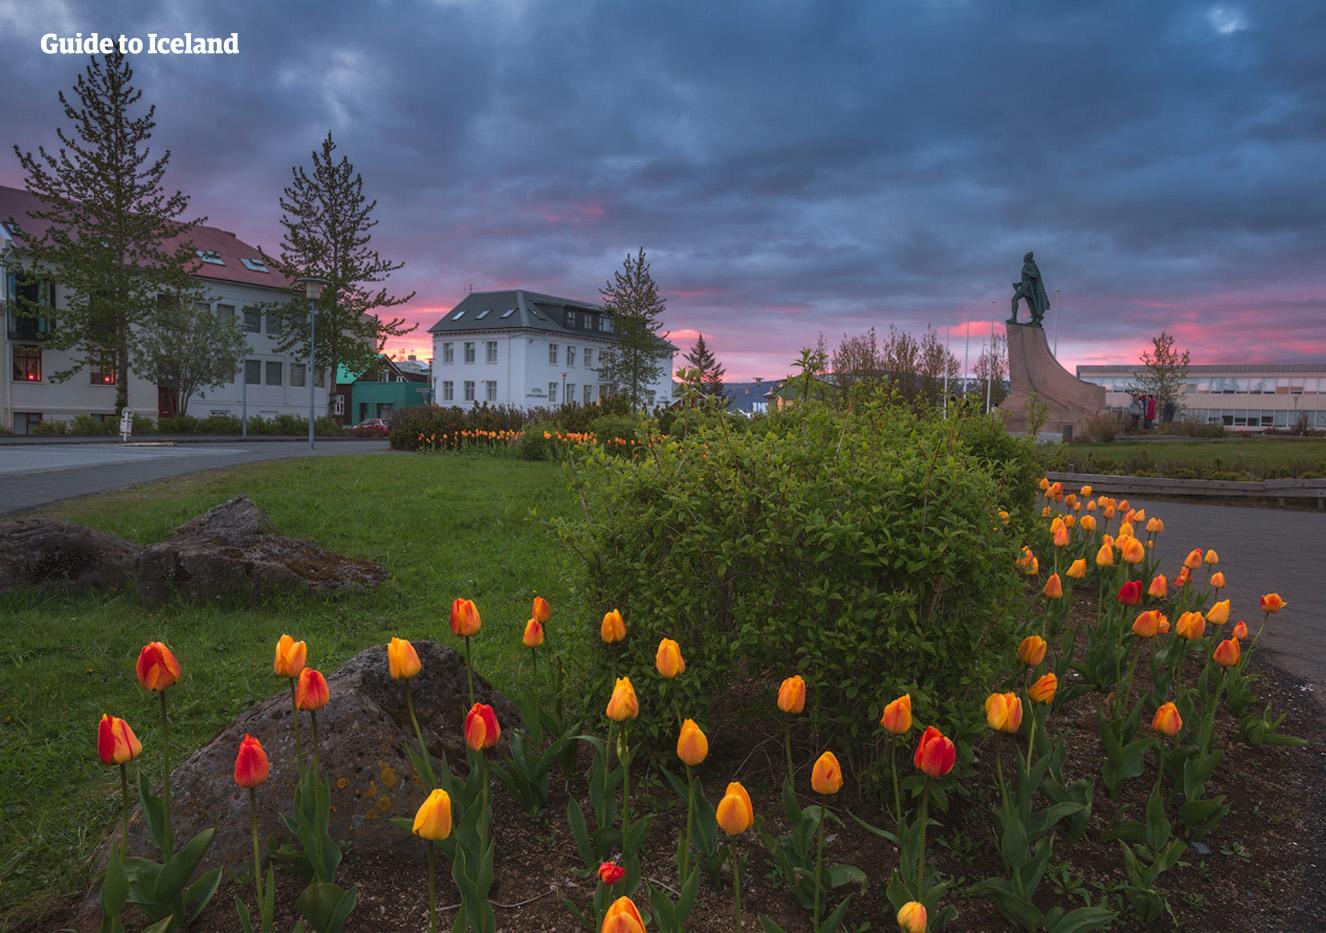 Flores rojas y amarillas en la ciudad de Reikiavik.